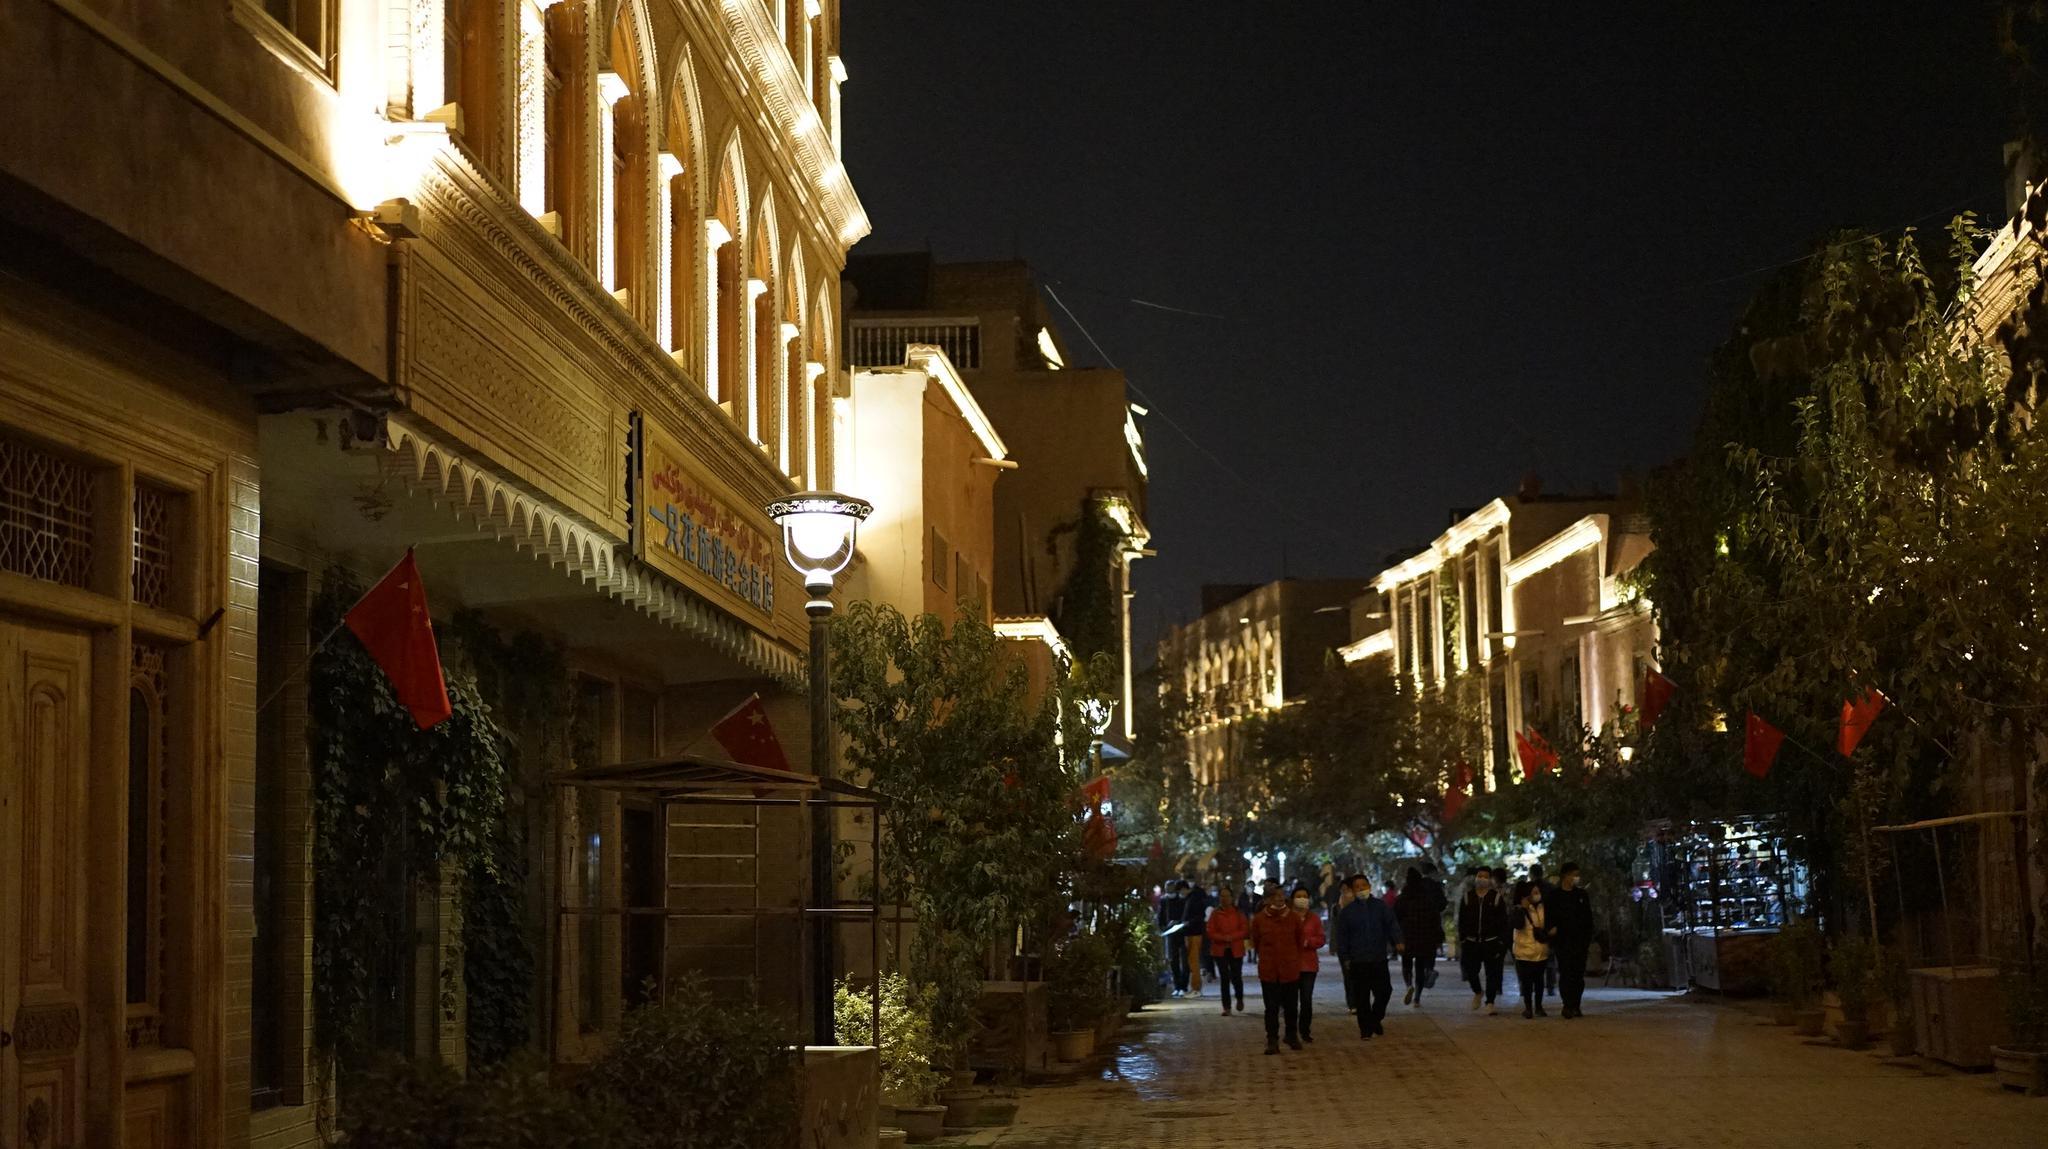 喀什经济开发区:改革开放再出发 丝路明珠绘新篇图片